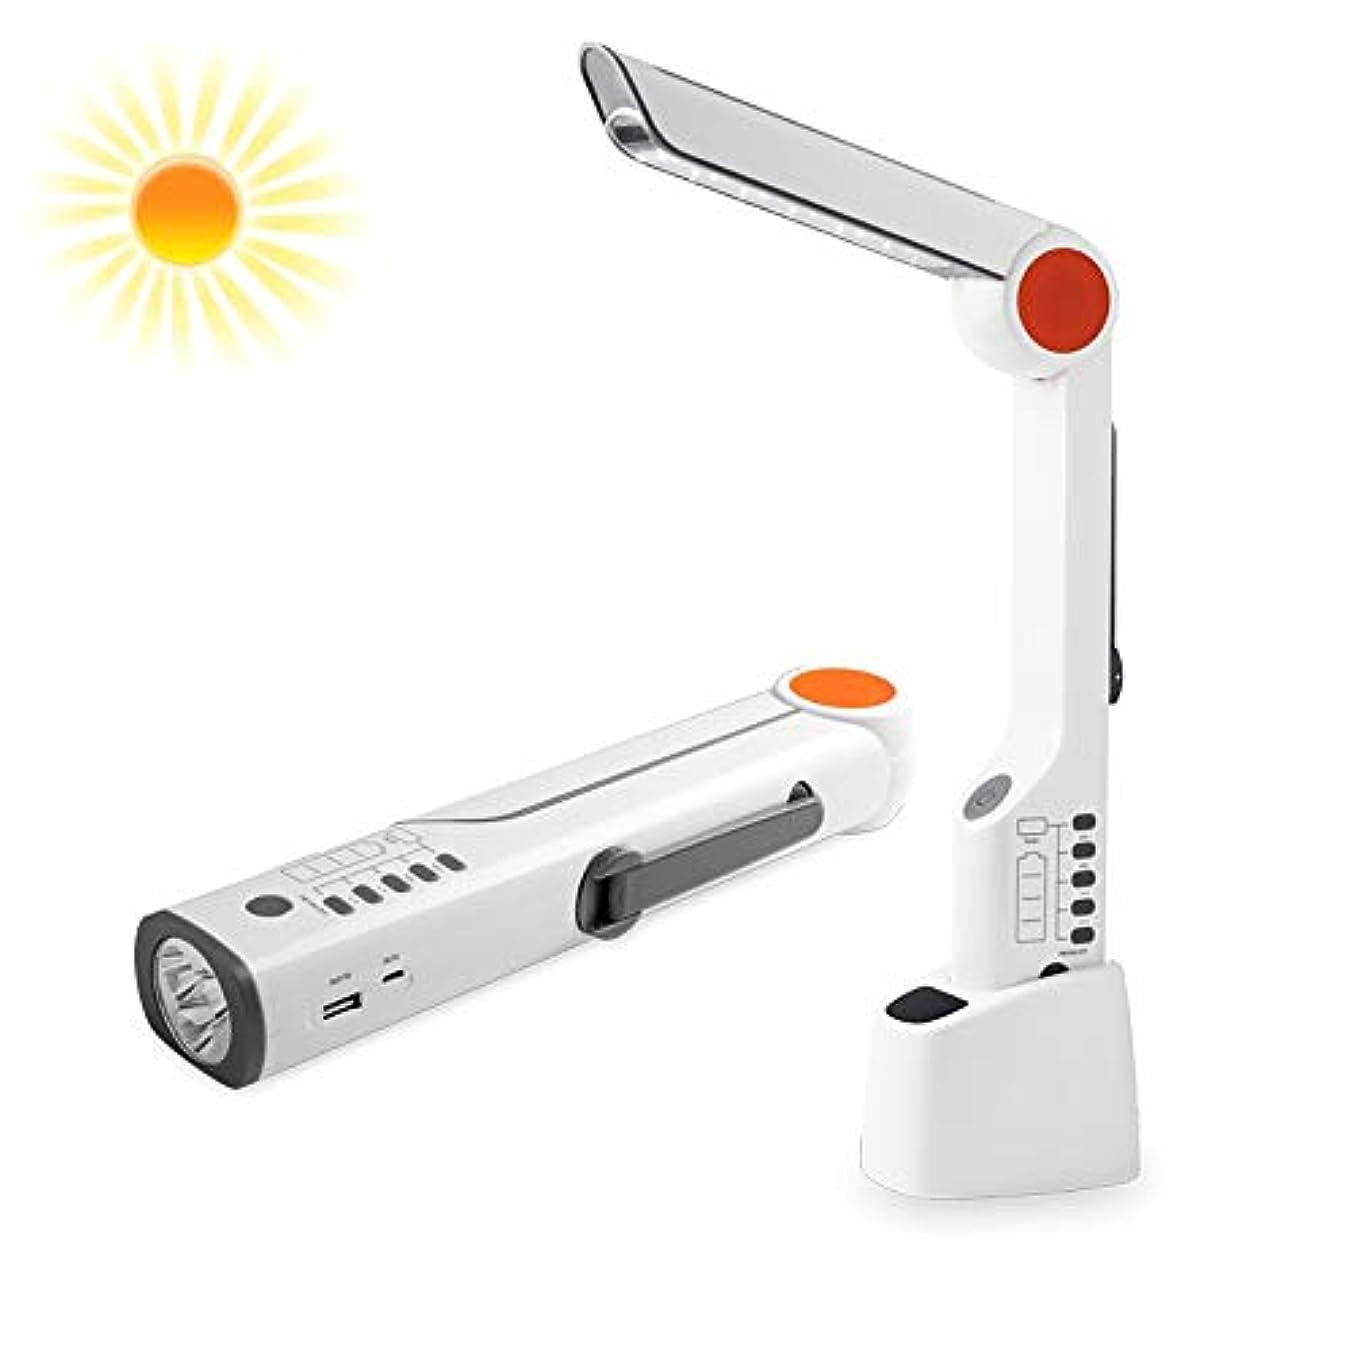 分析的逆説保持する多機能太陽ハンドクランクFMラジオ、緊急LED懐中電灯充電式USB点滅アラームモバイル電源、旅行のための、キャンプ